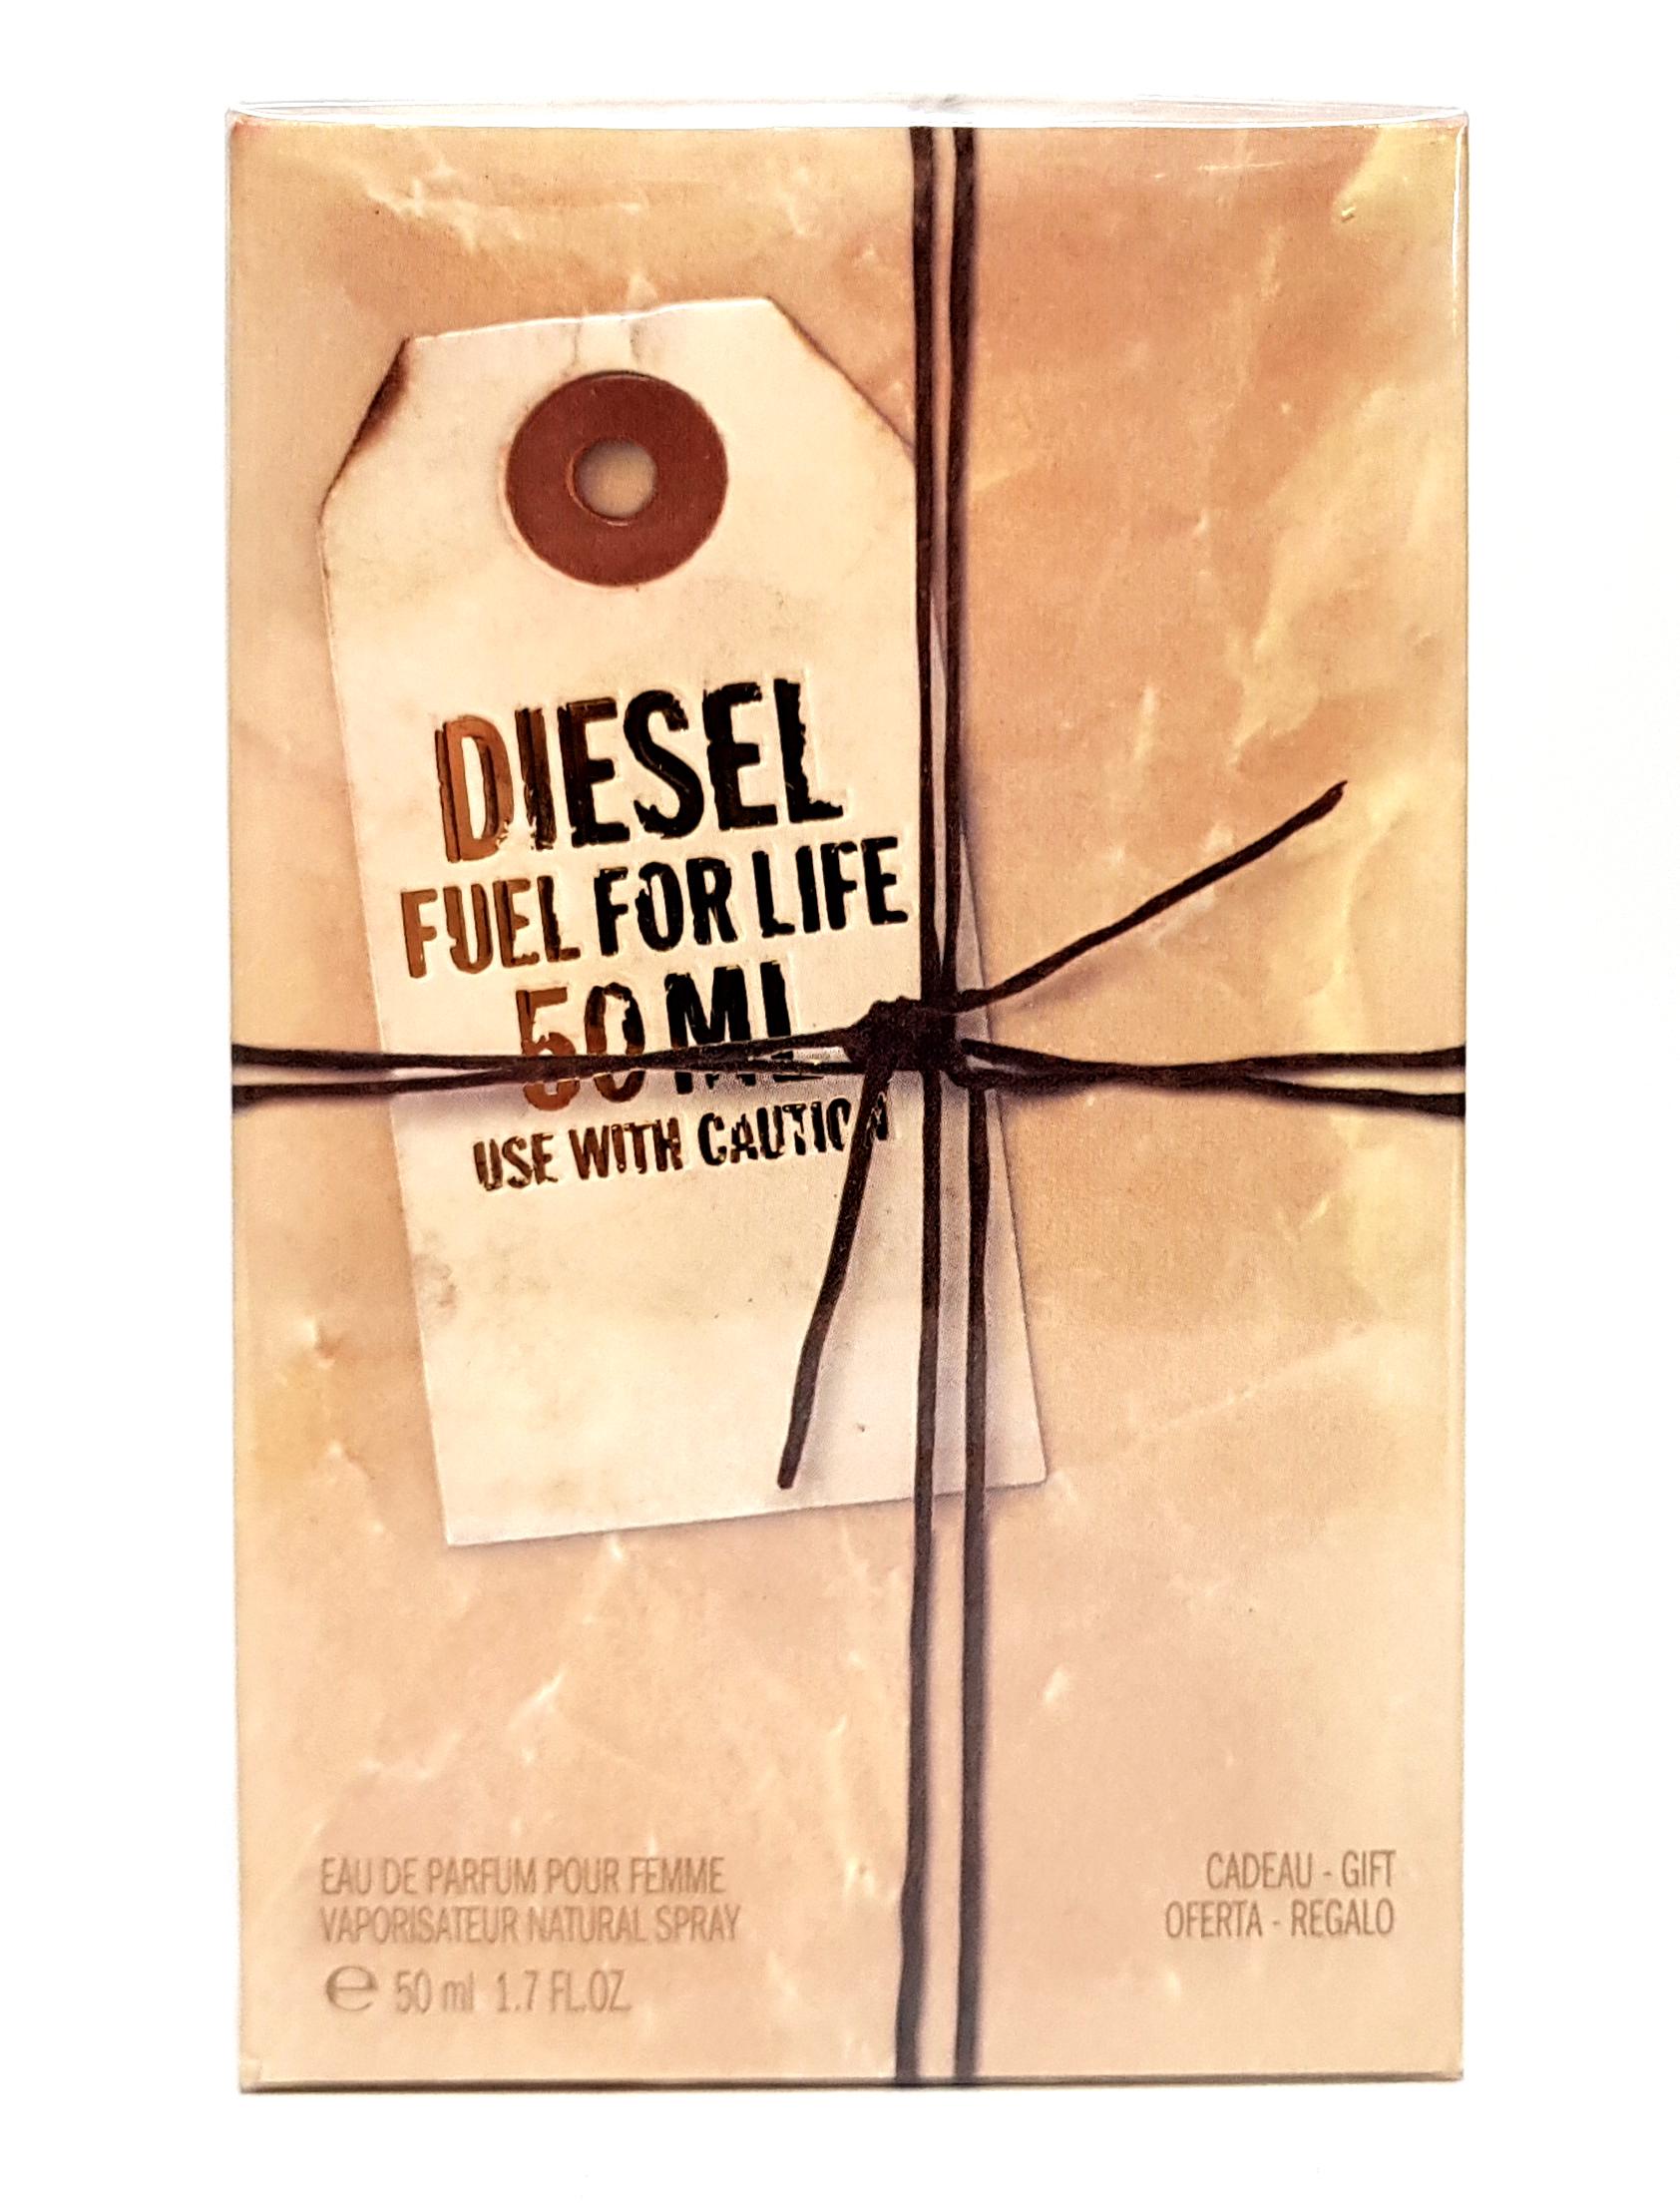 Diesel Fuel for Life Eau de Parfum pour Femme 50ml